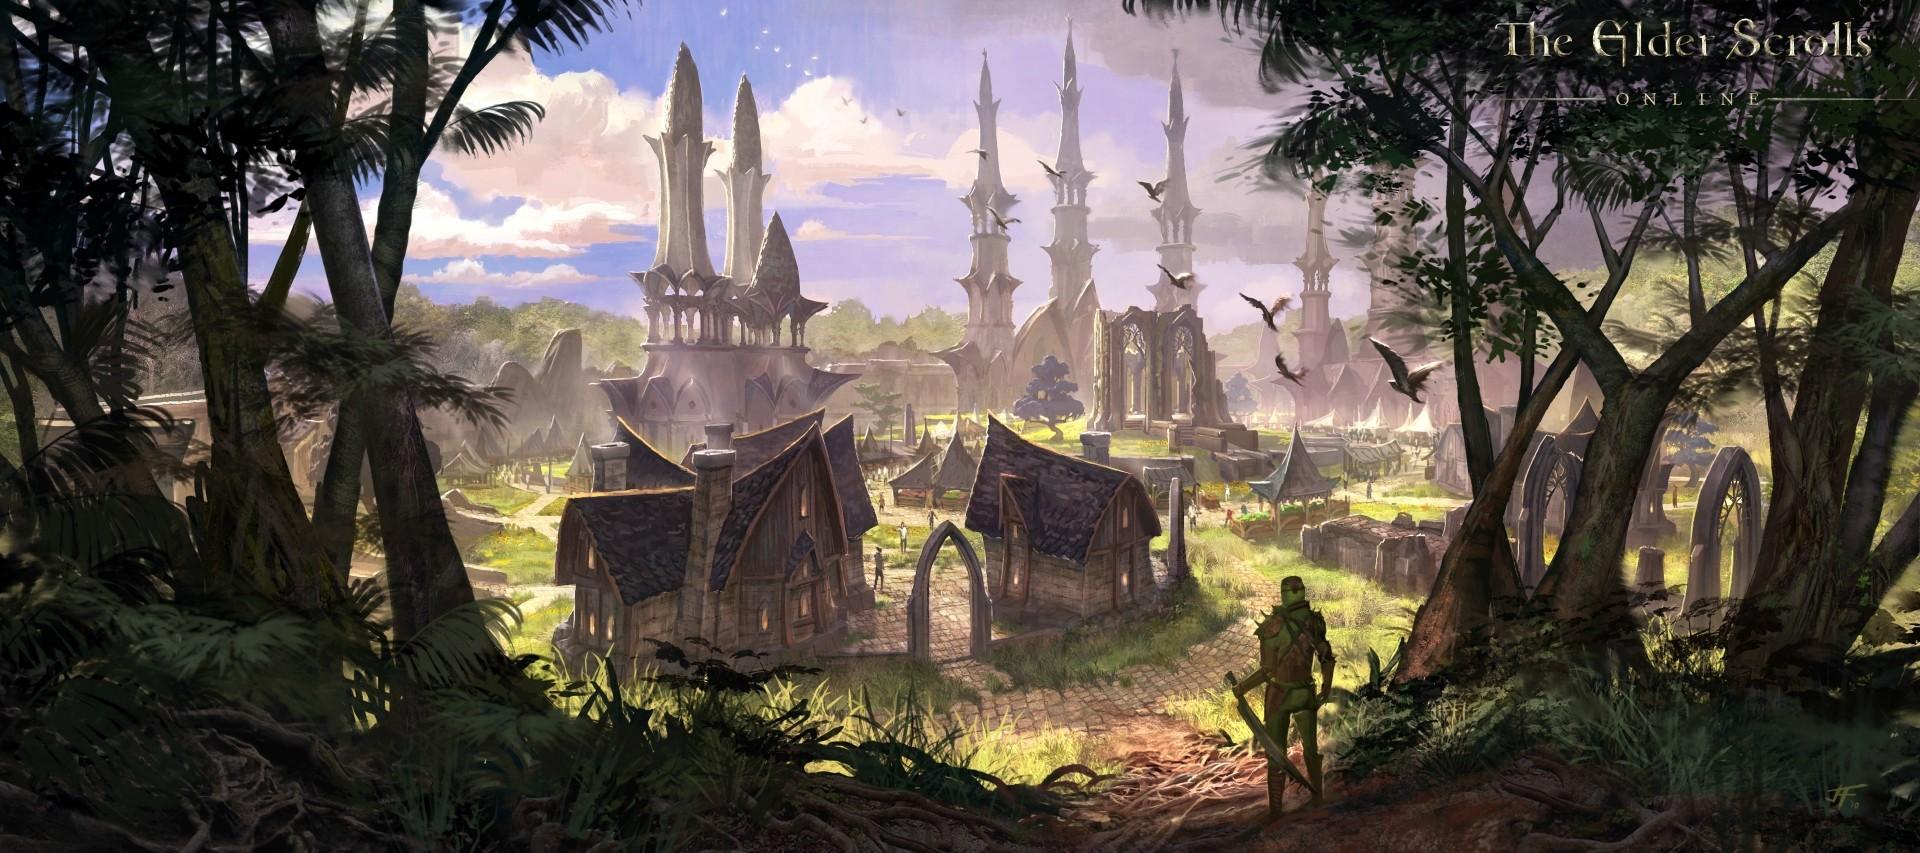 The Elder Scrolls: Online concept art